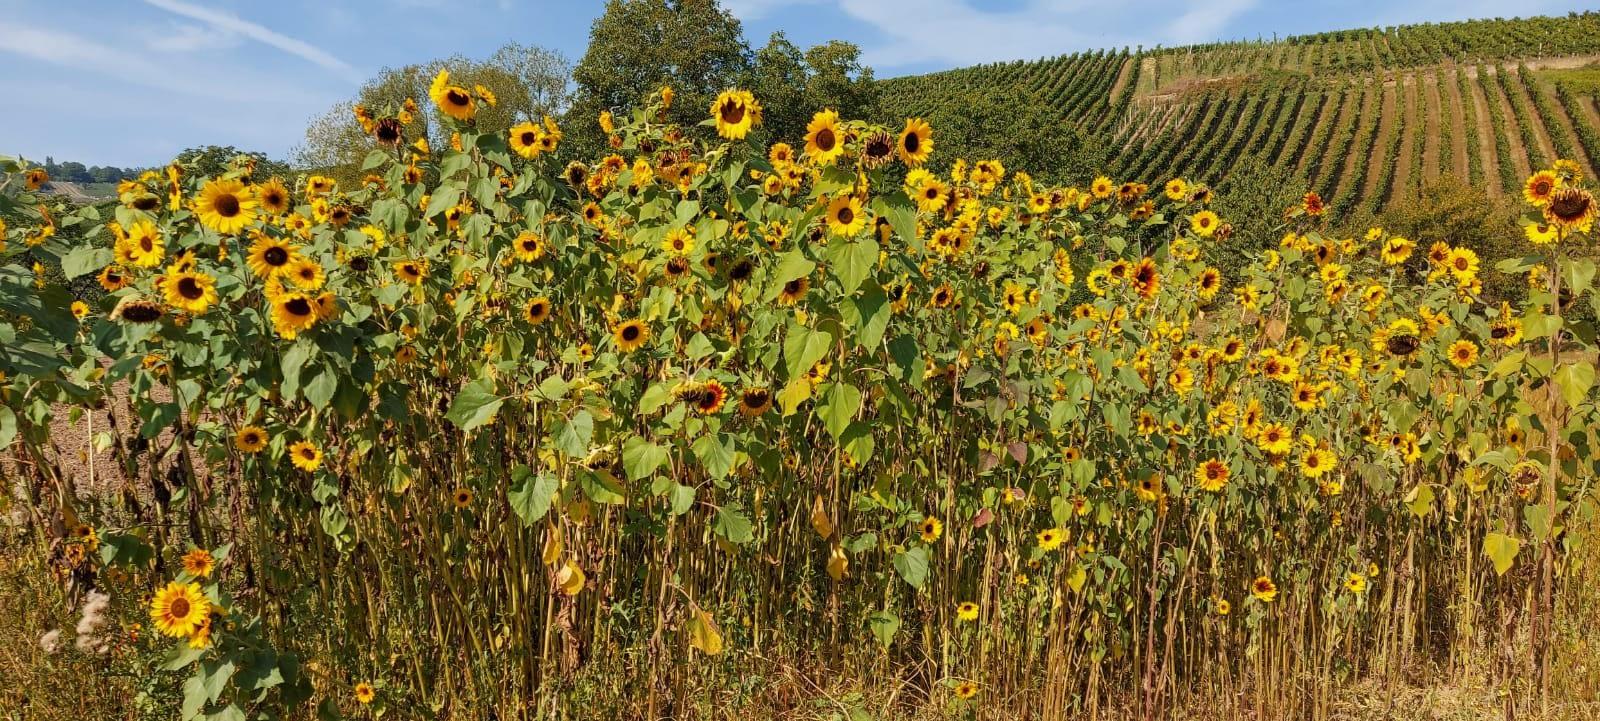 Die Sonnenblumen sind reif